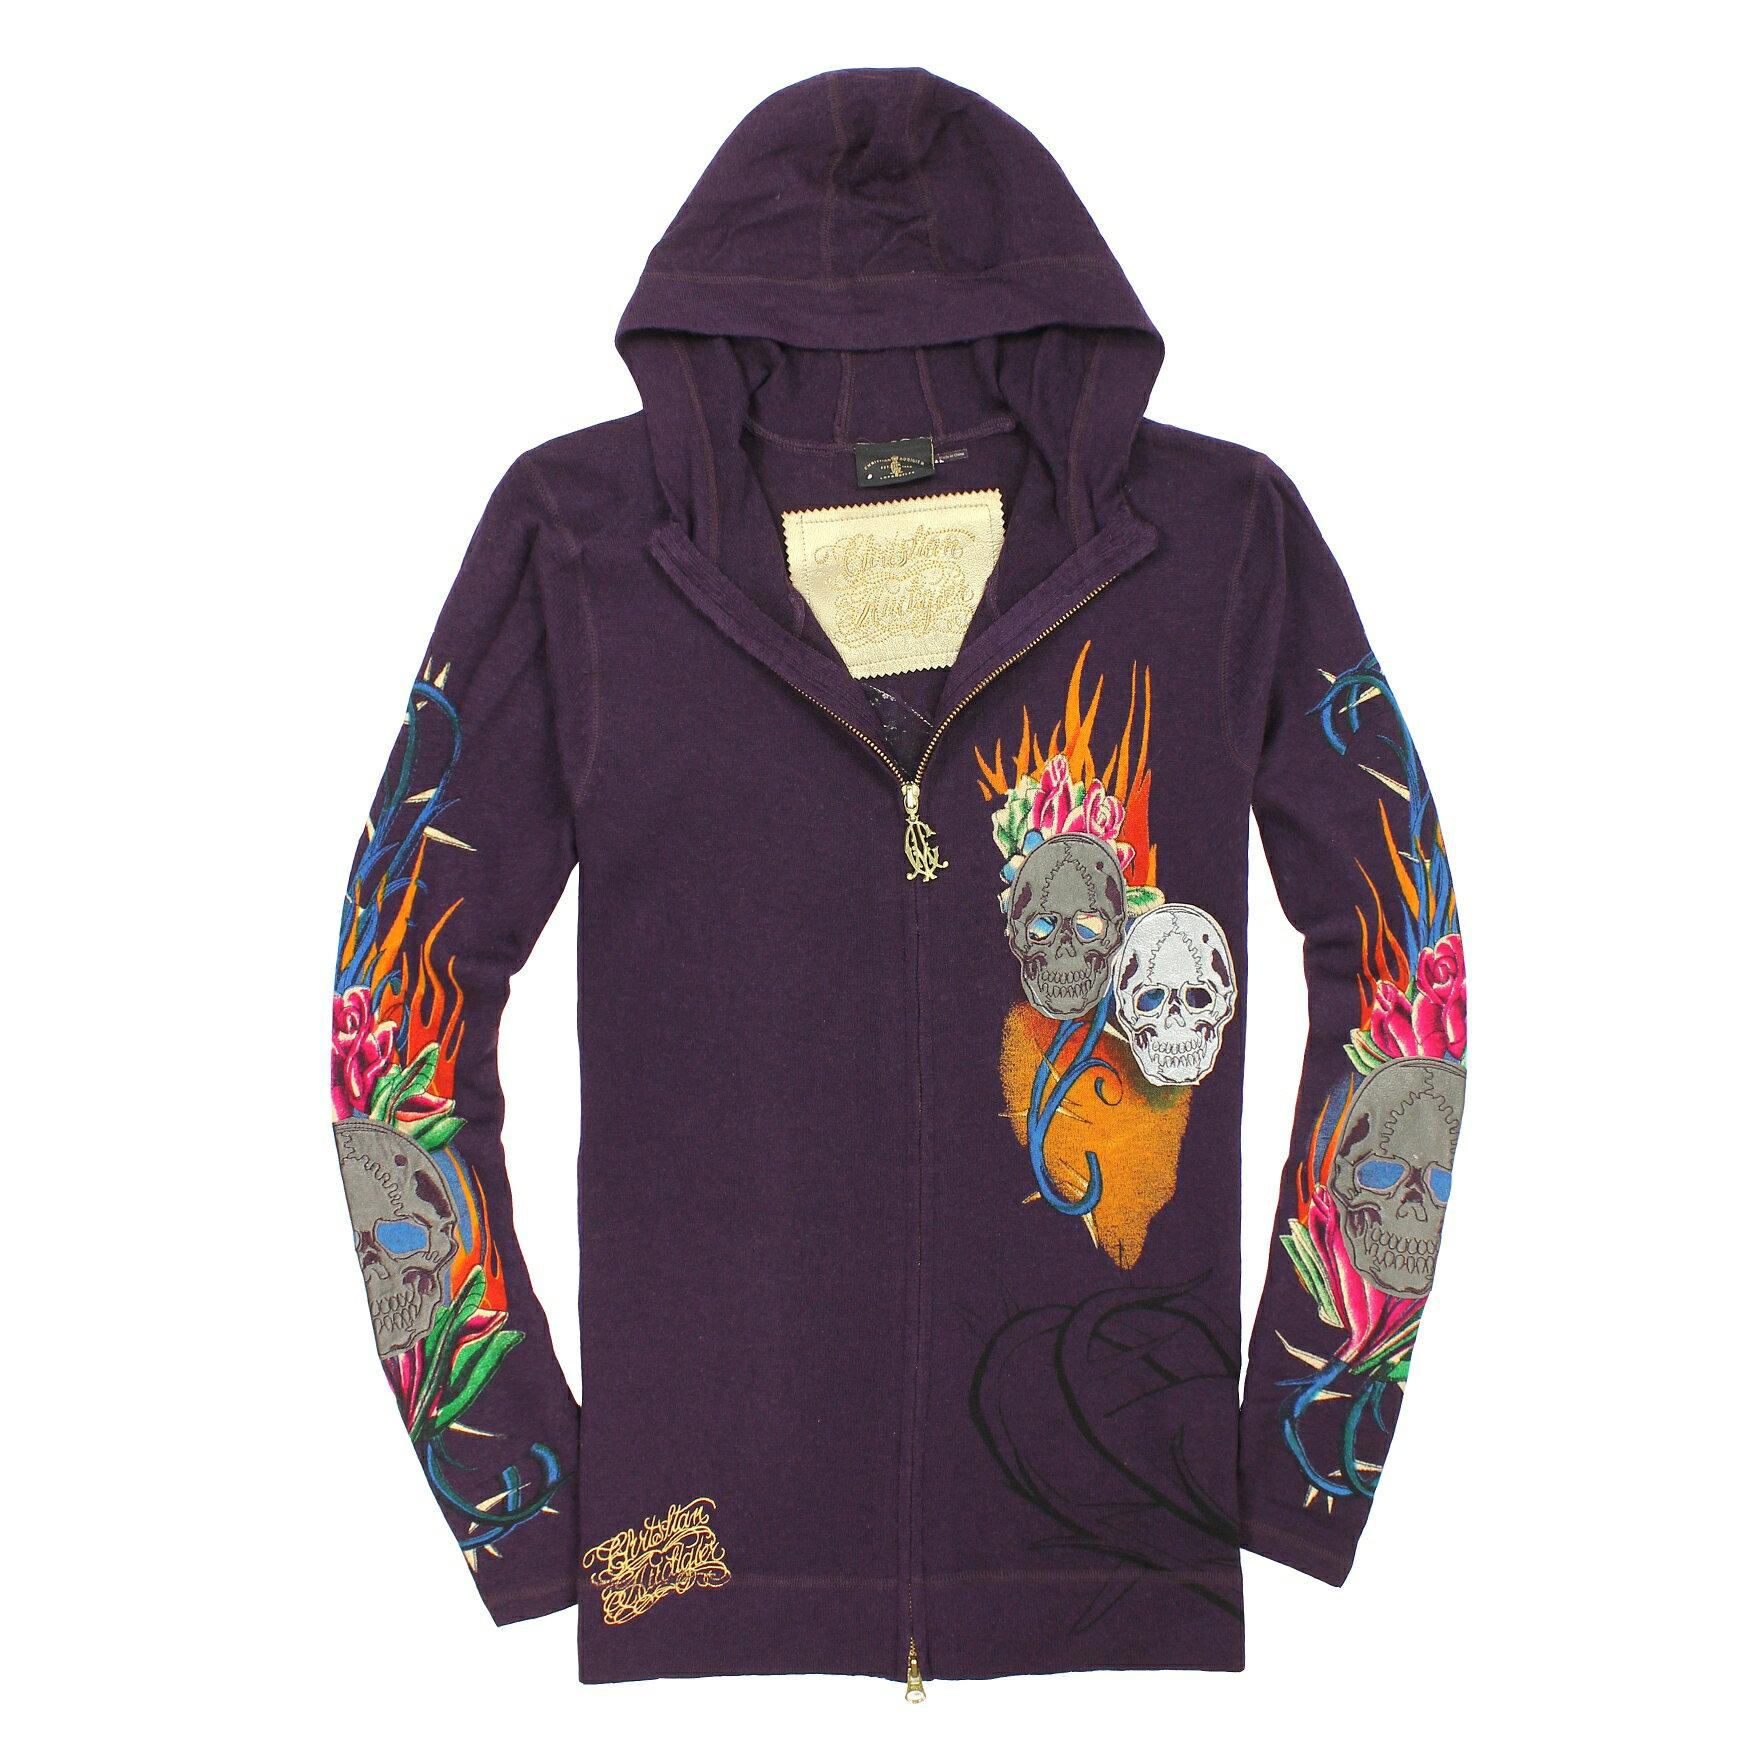 美國百分百【全新真品】Christian Audigier 外套 CA 連帽外套 ED Hardy 紫 刺青 刺繡 專櫃 男 L號 A818